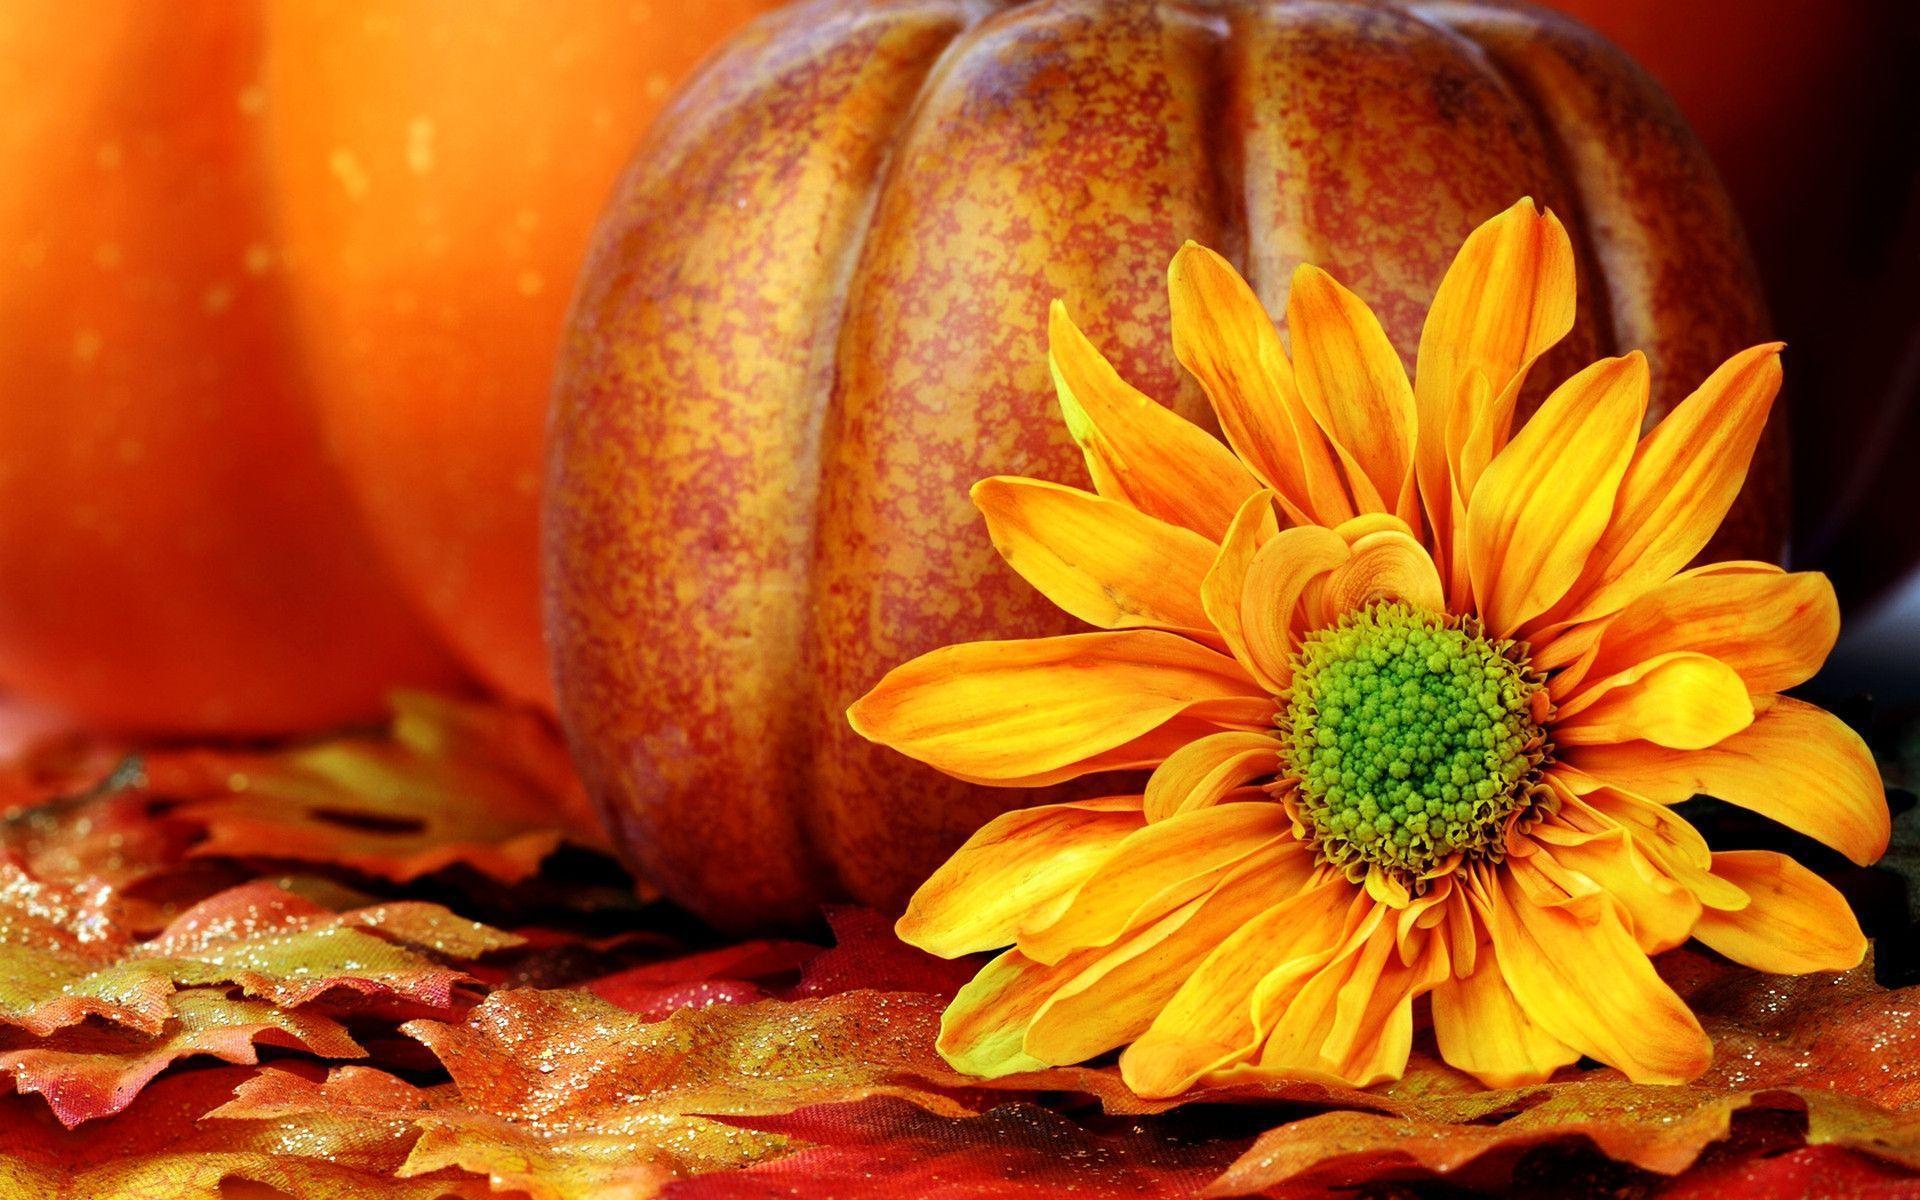 3d pumpkin wallpaper - photo #13